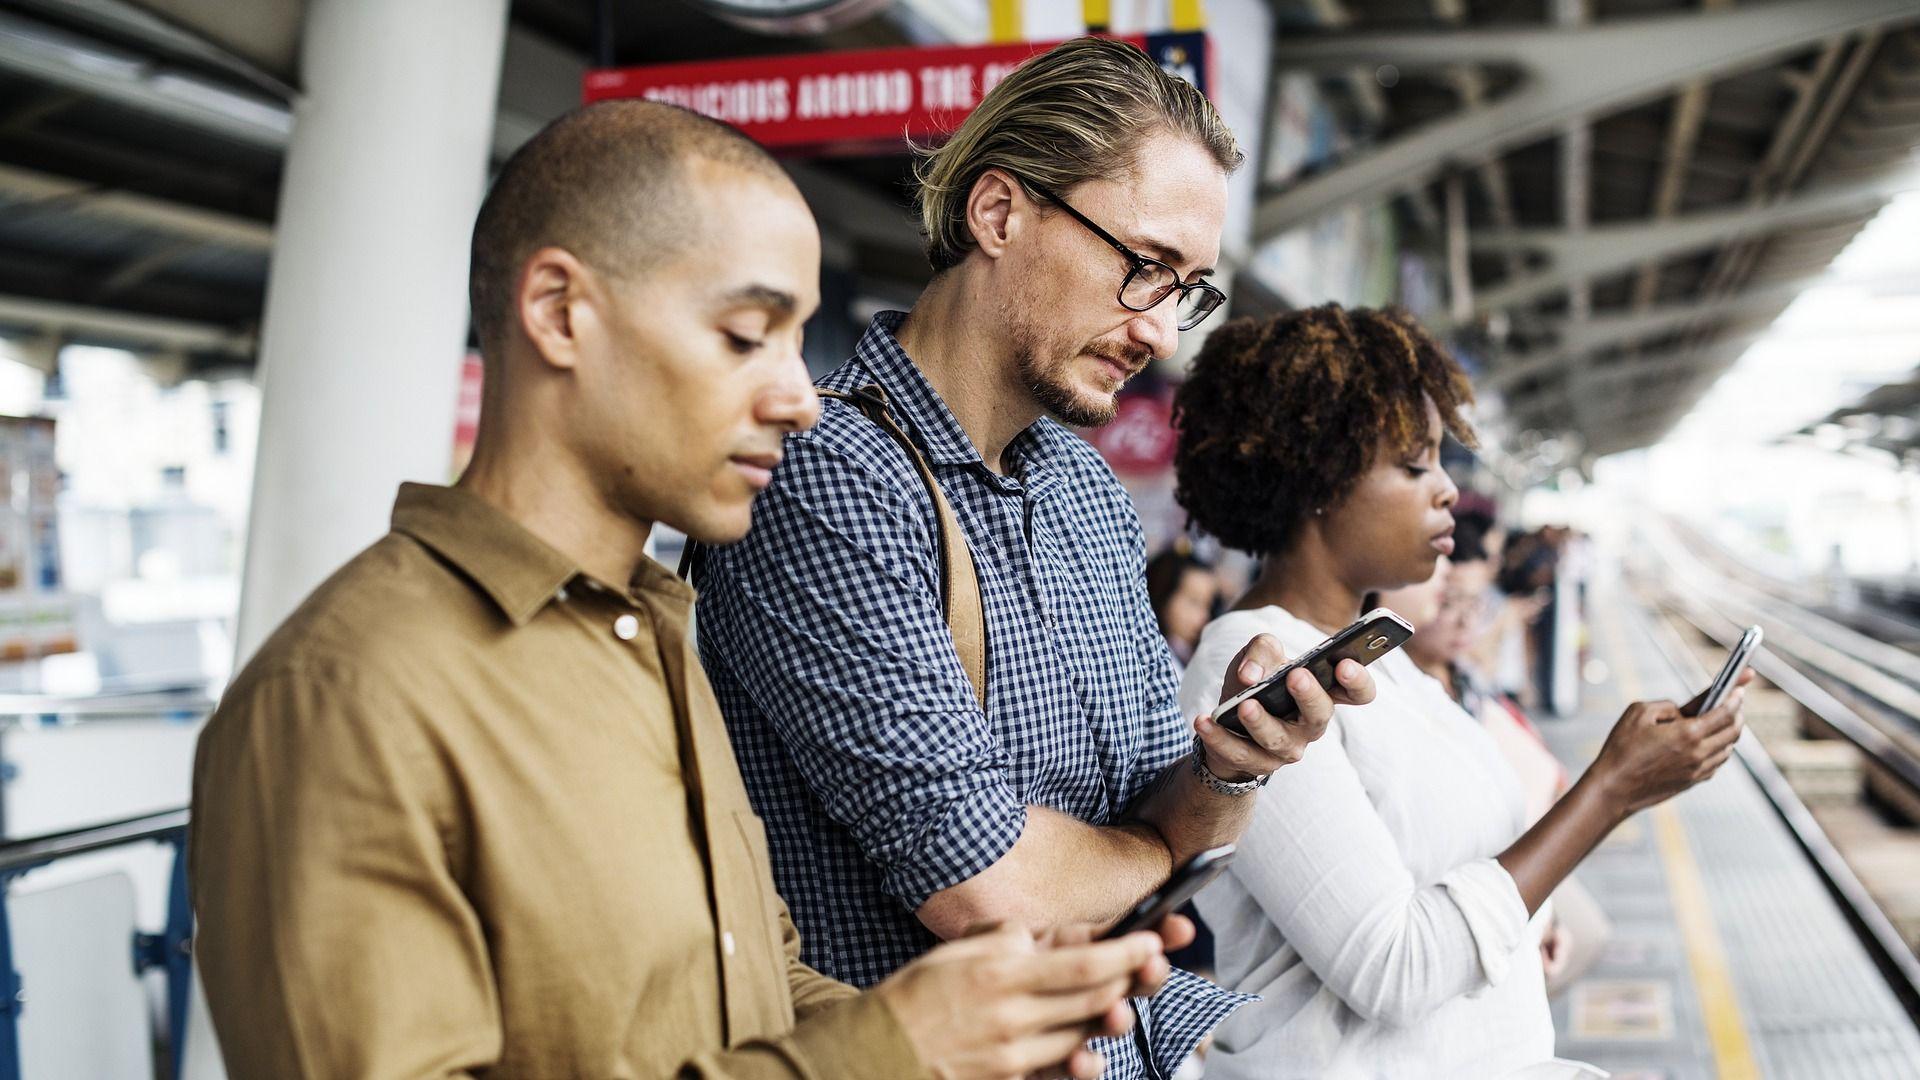 Mindline-Umfrage: Nutzer sind von mobiler Werbung genervt